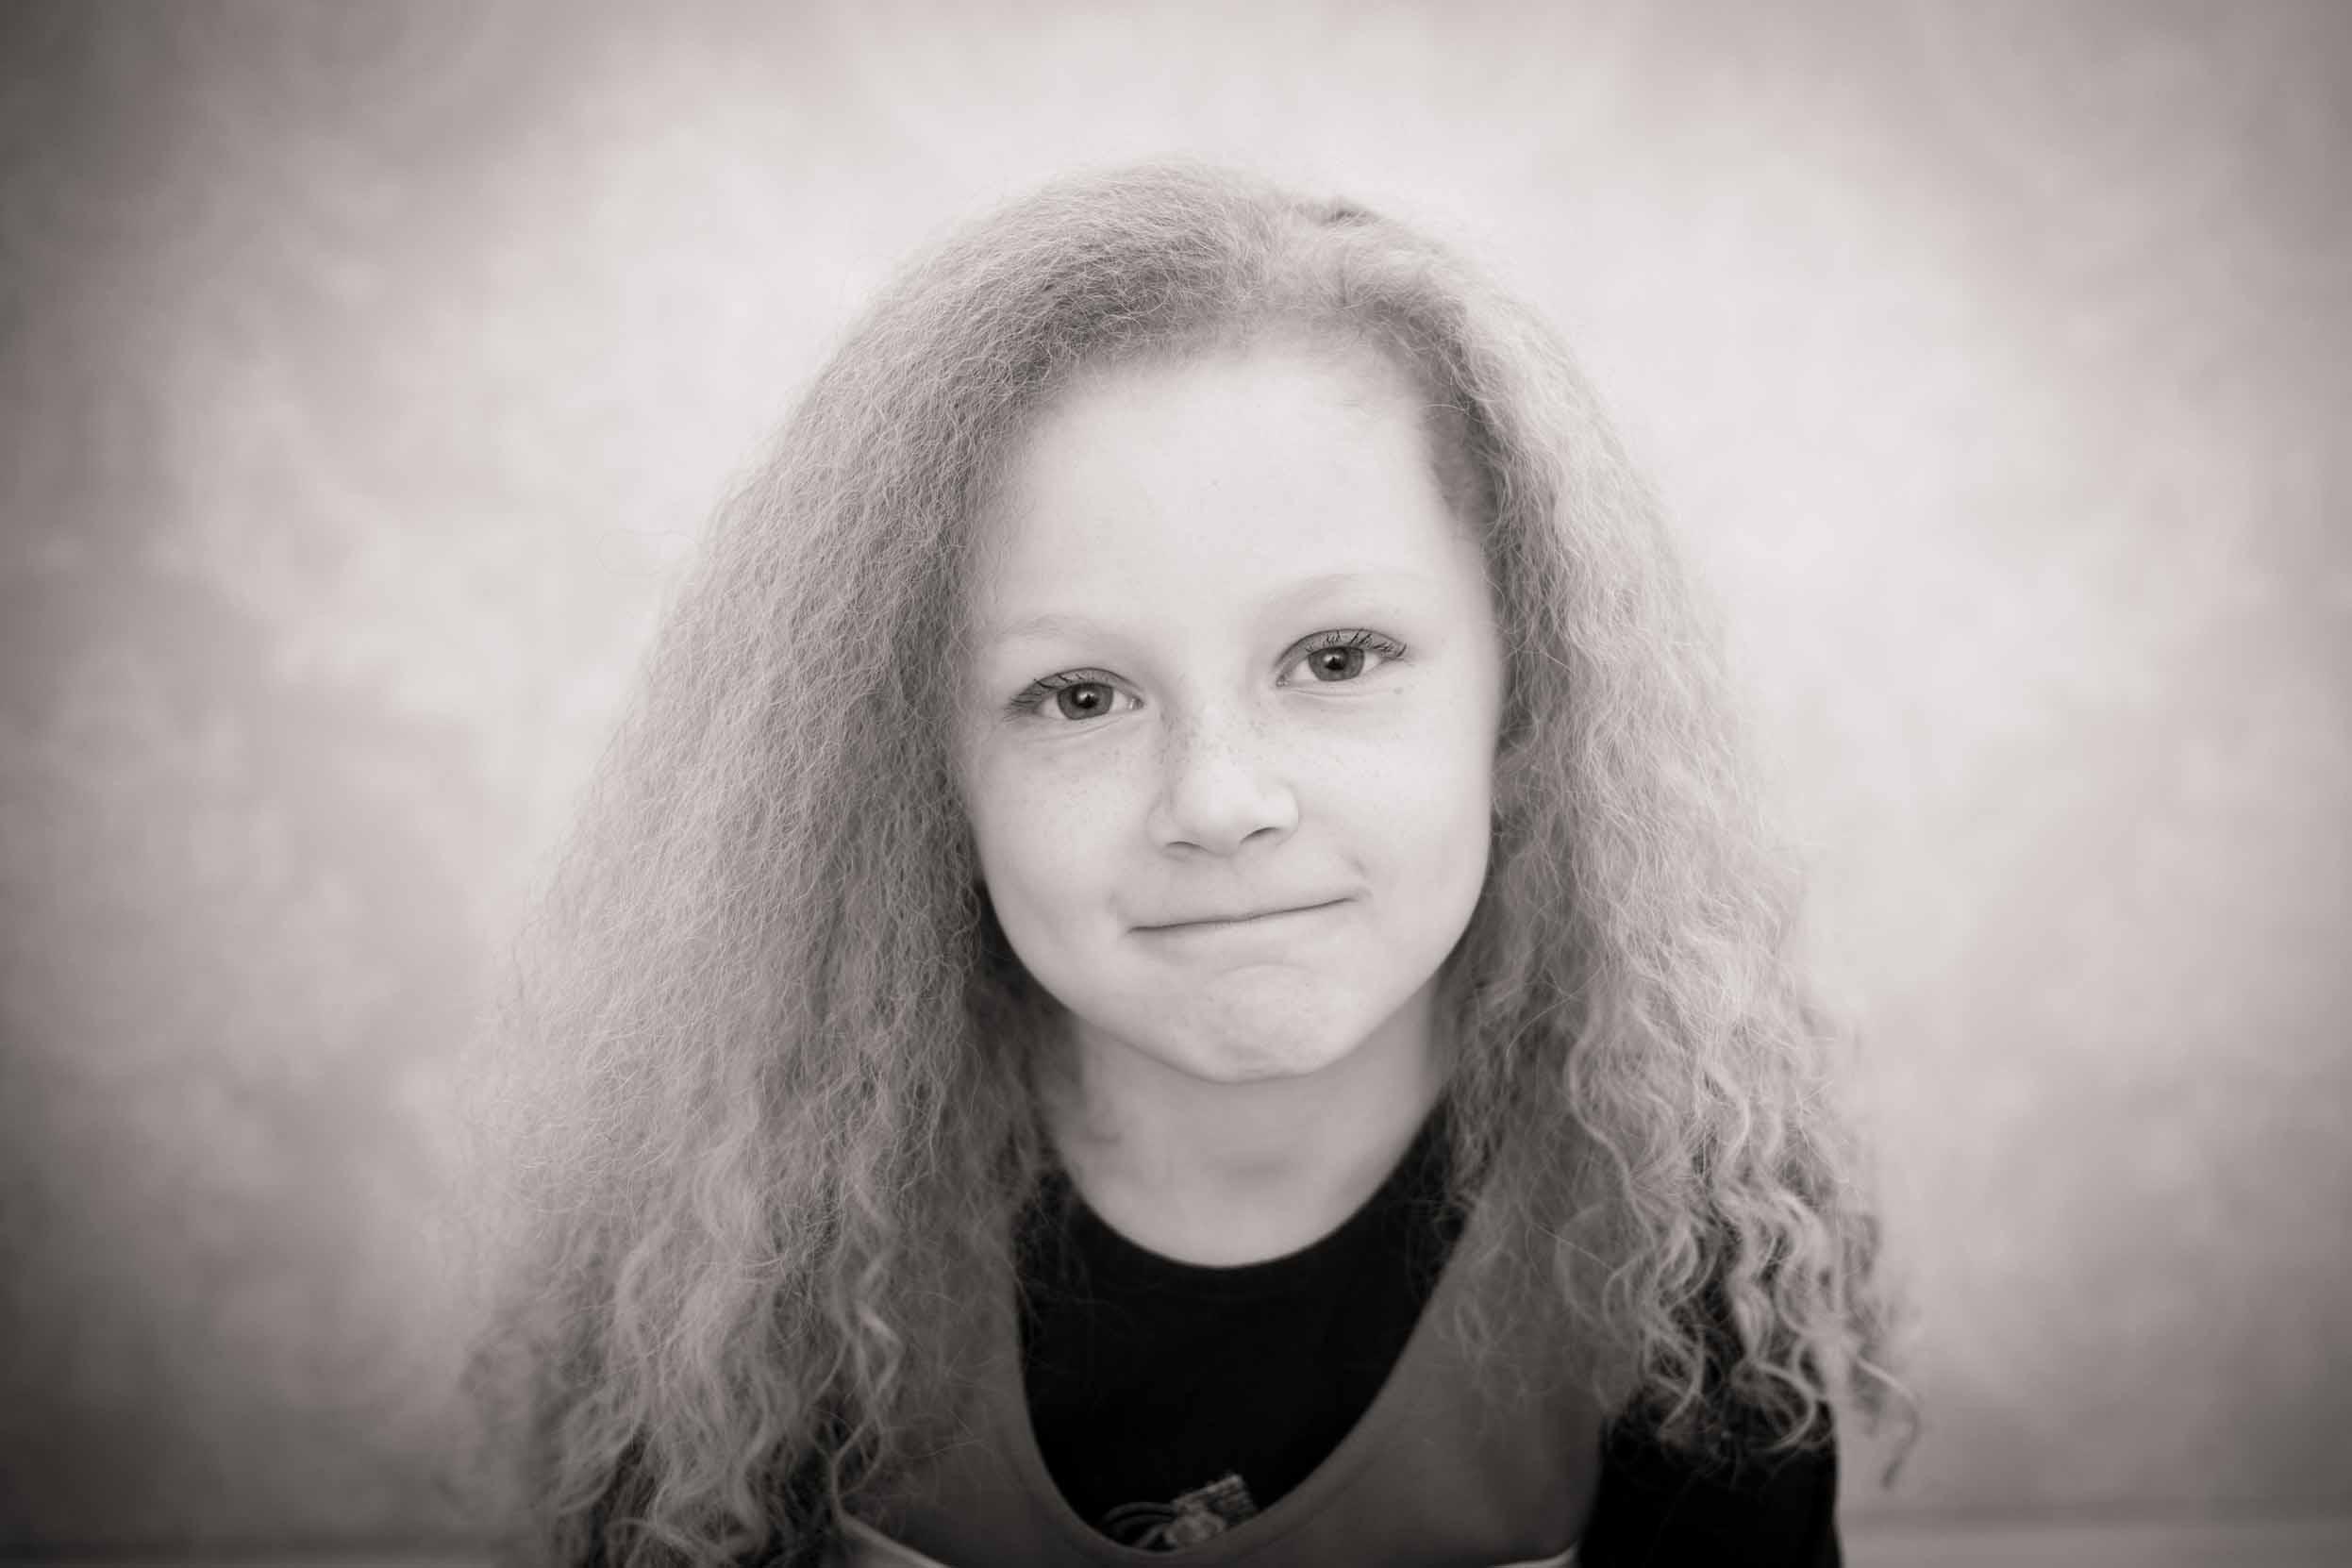 photographe le havre enfant18